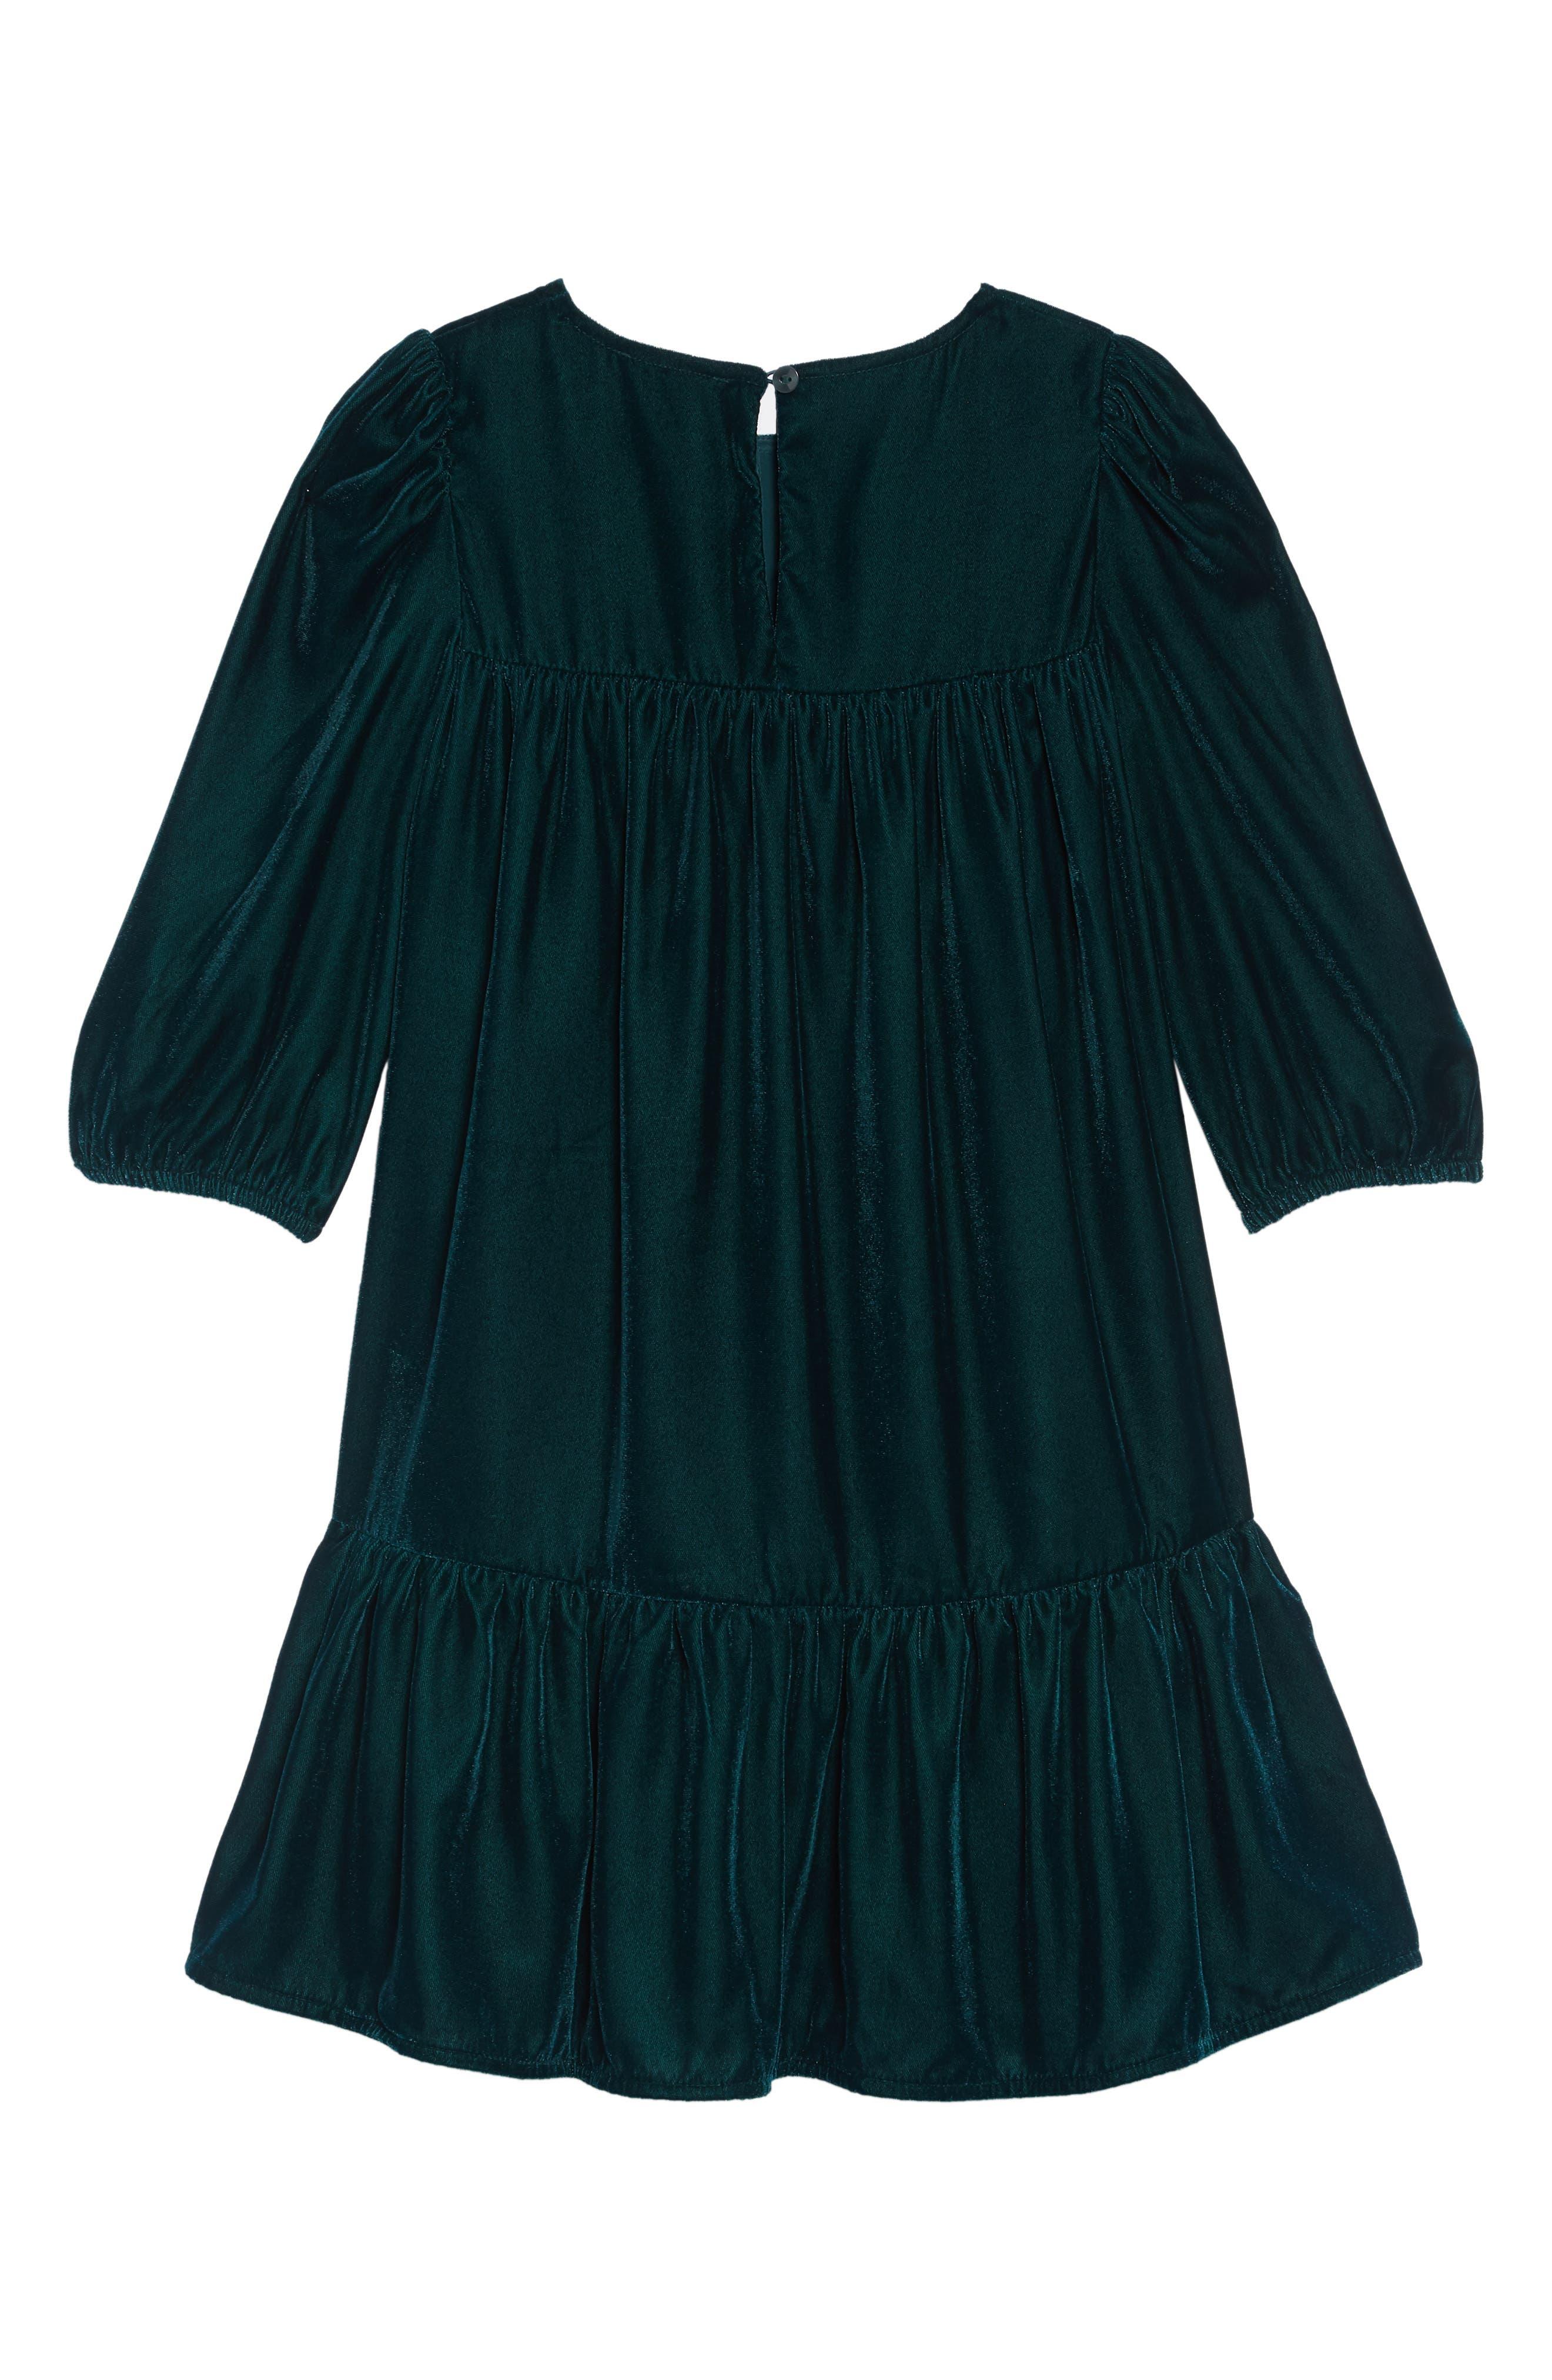 Velvet Party Dress,                             Alternate thumbnail 2, color,                             301